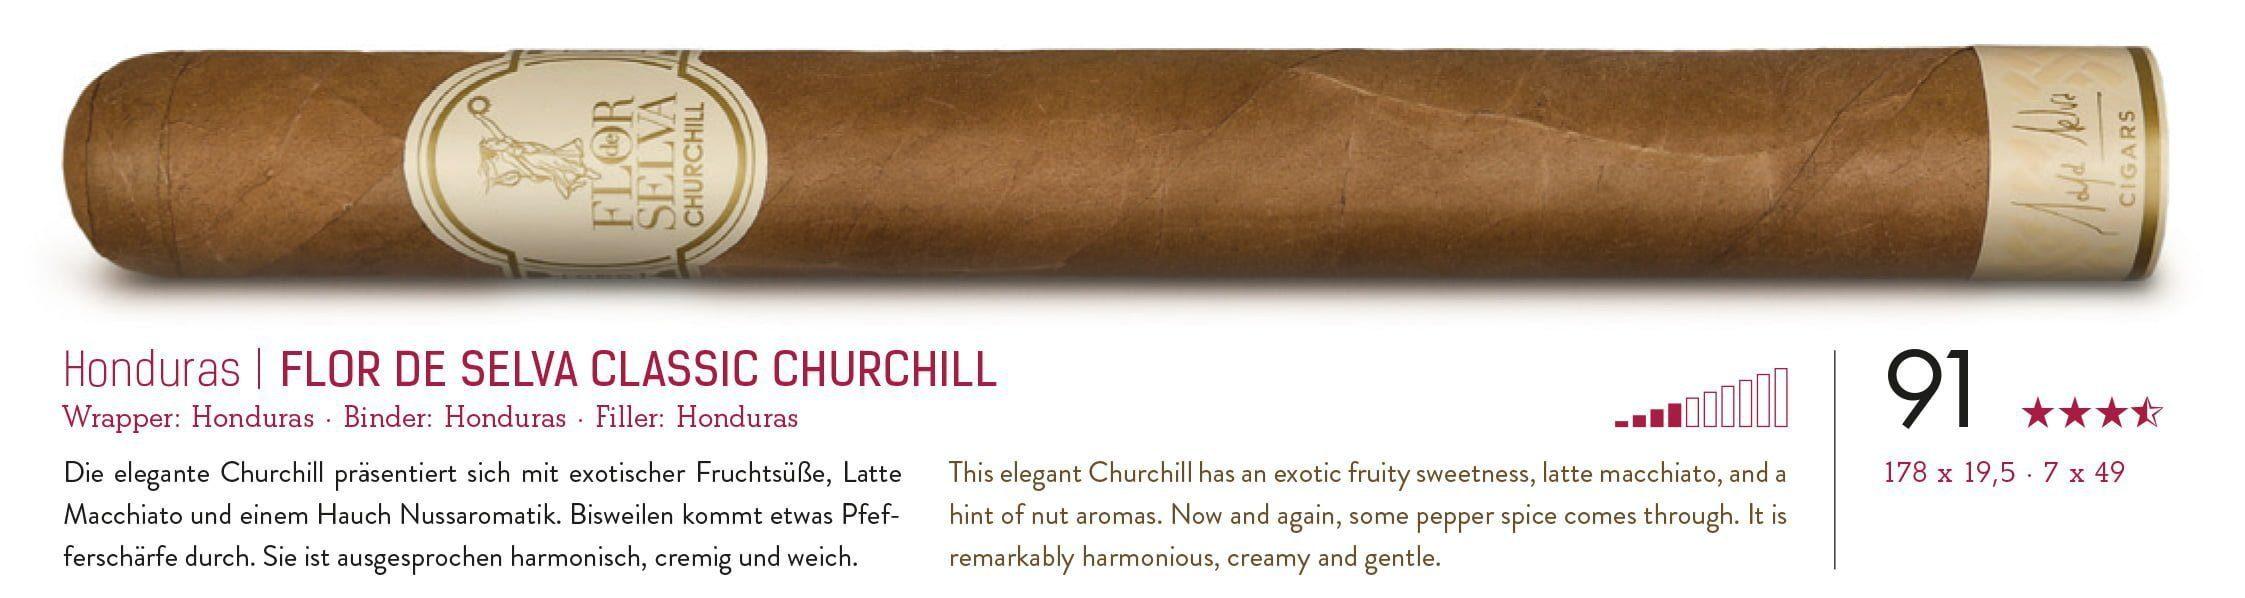 Flor de Selva Classic Churchill